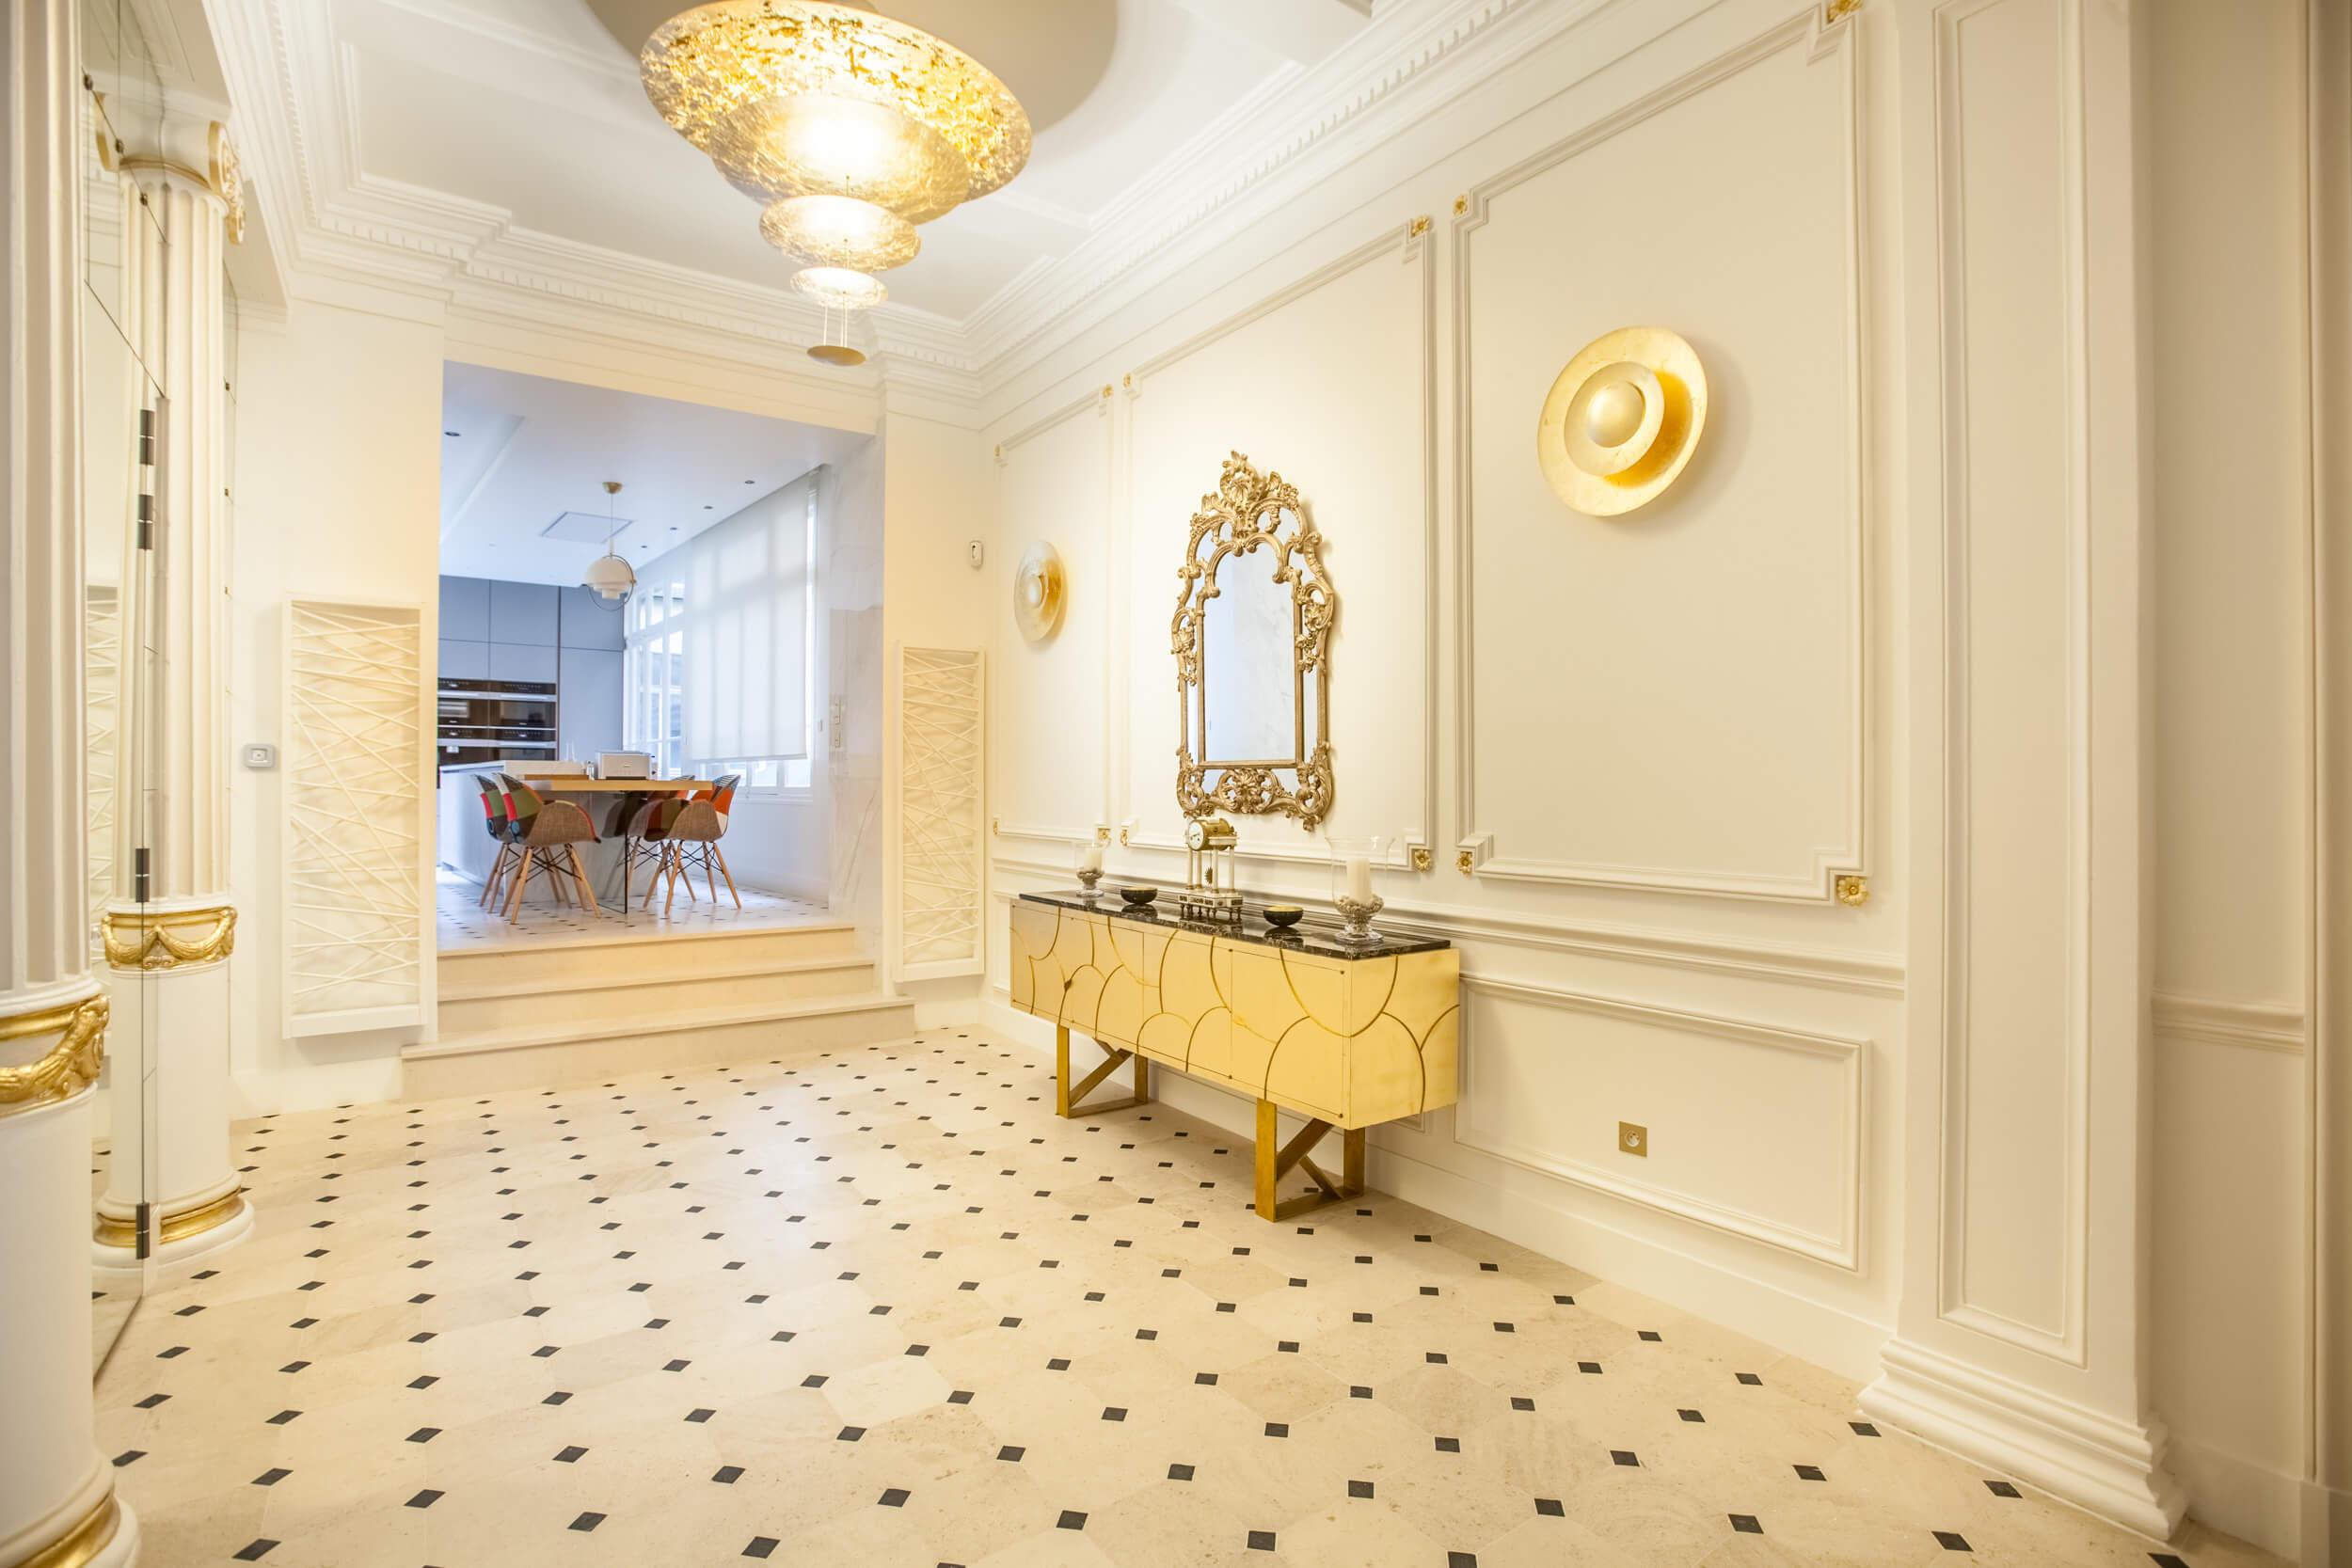 Entrée de l'appartement du huitième arrondissement de Paris, décoration dans les tons blancs et dorés, aménagé par Heliot